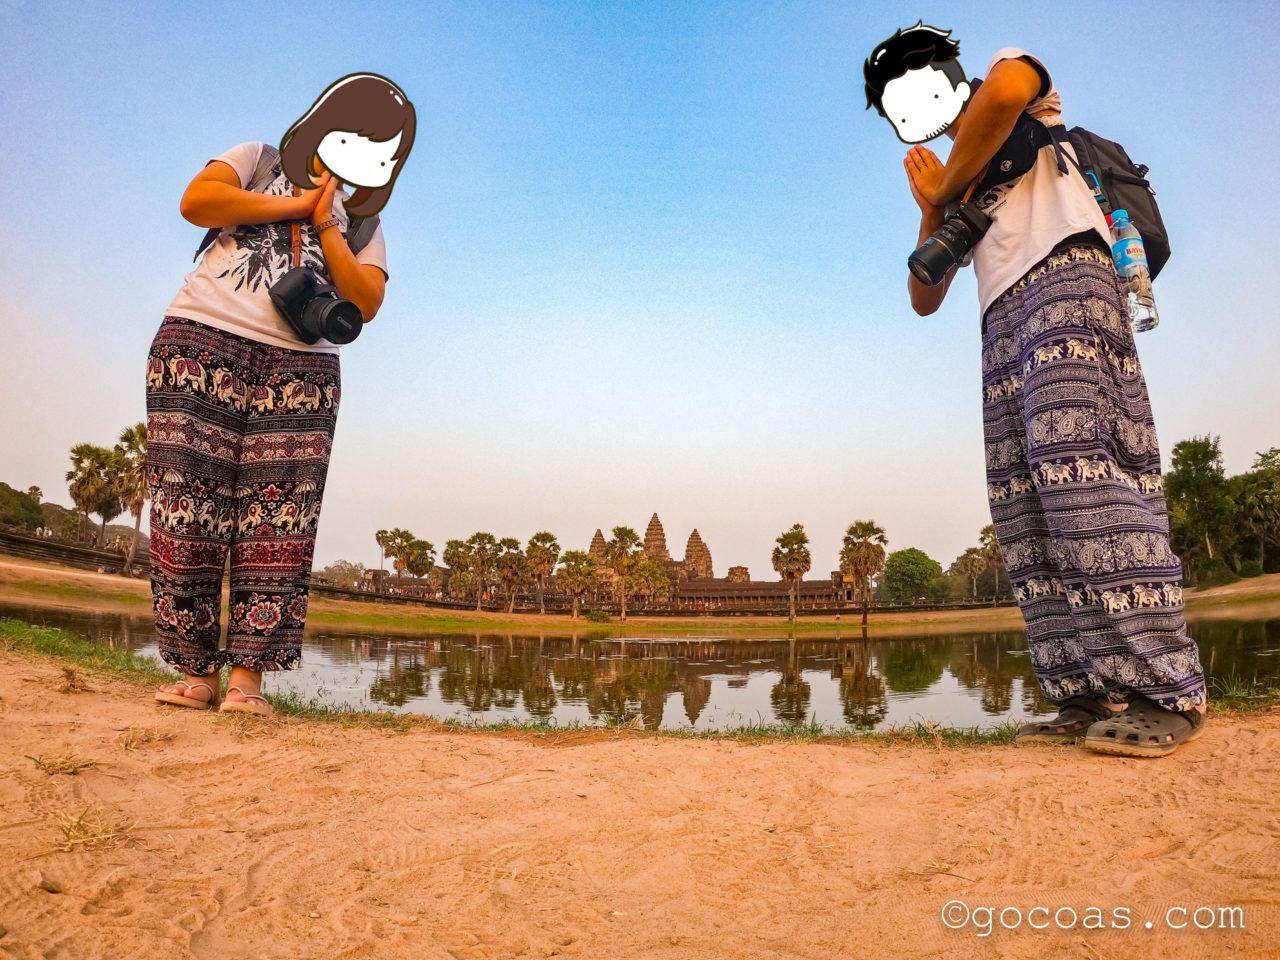 カンボジア遺跡 アンコールトム